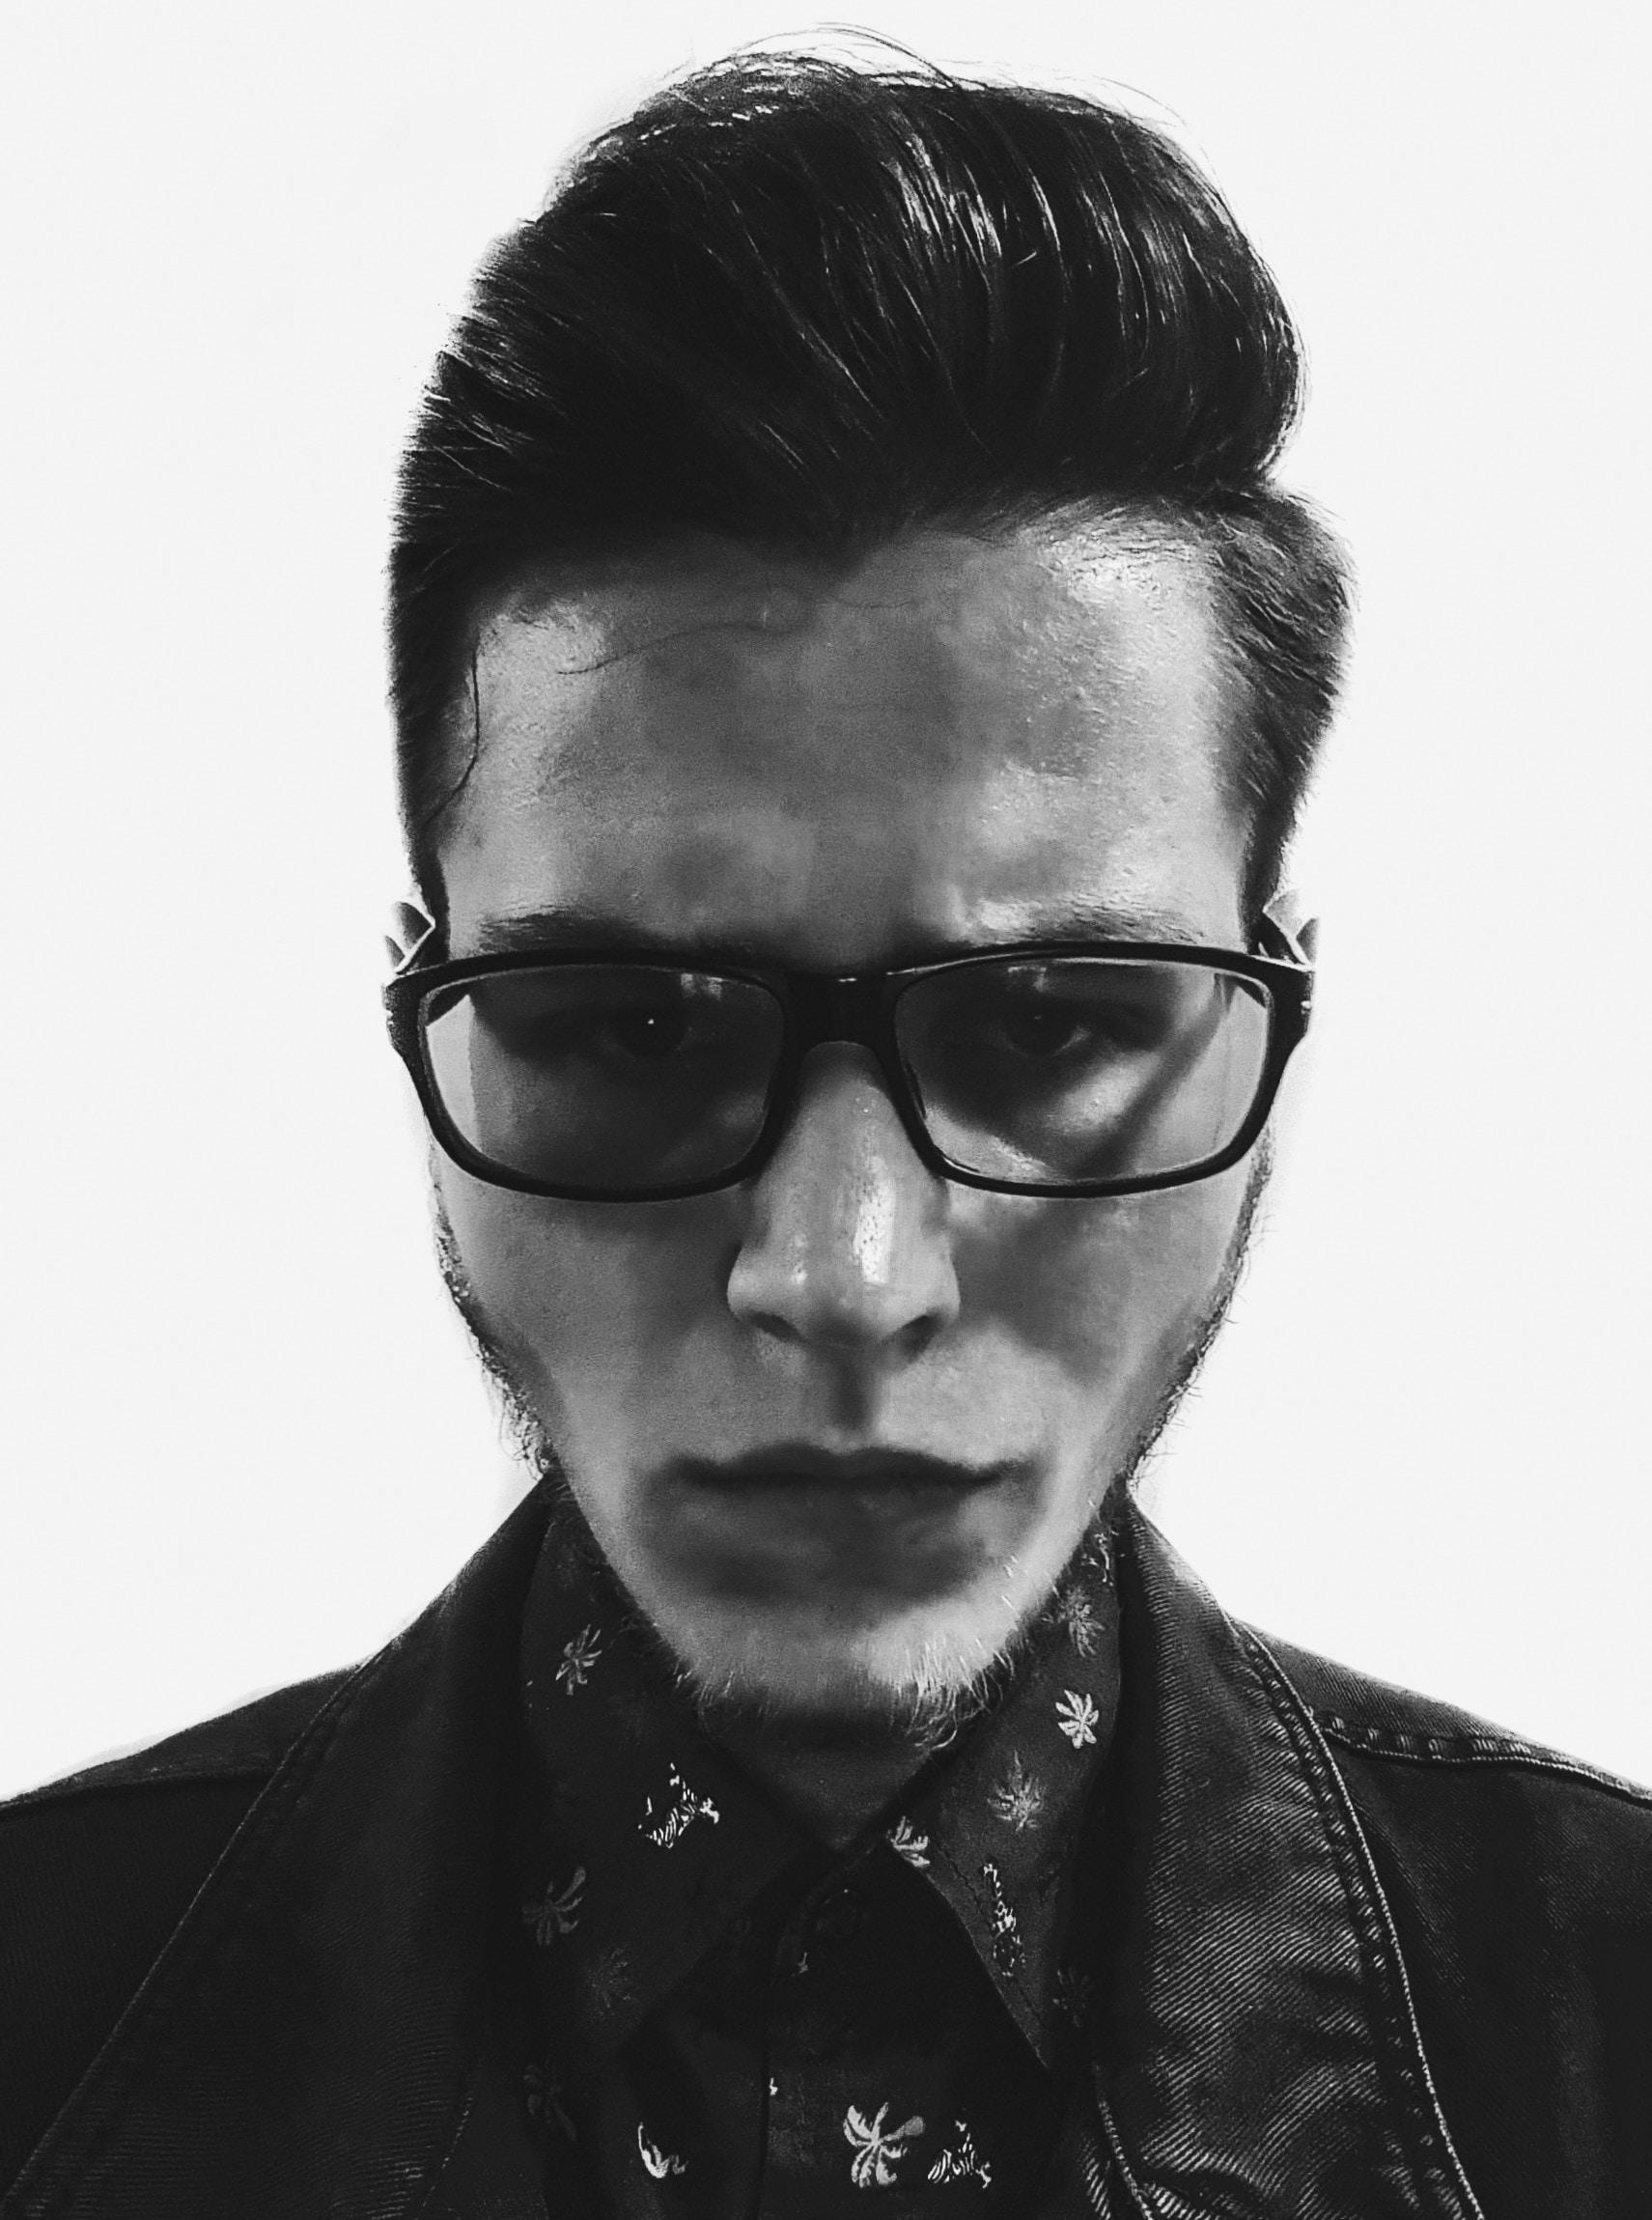 Go to Bogdan Kupriets's profile